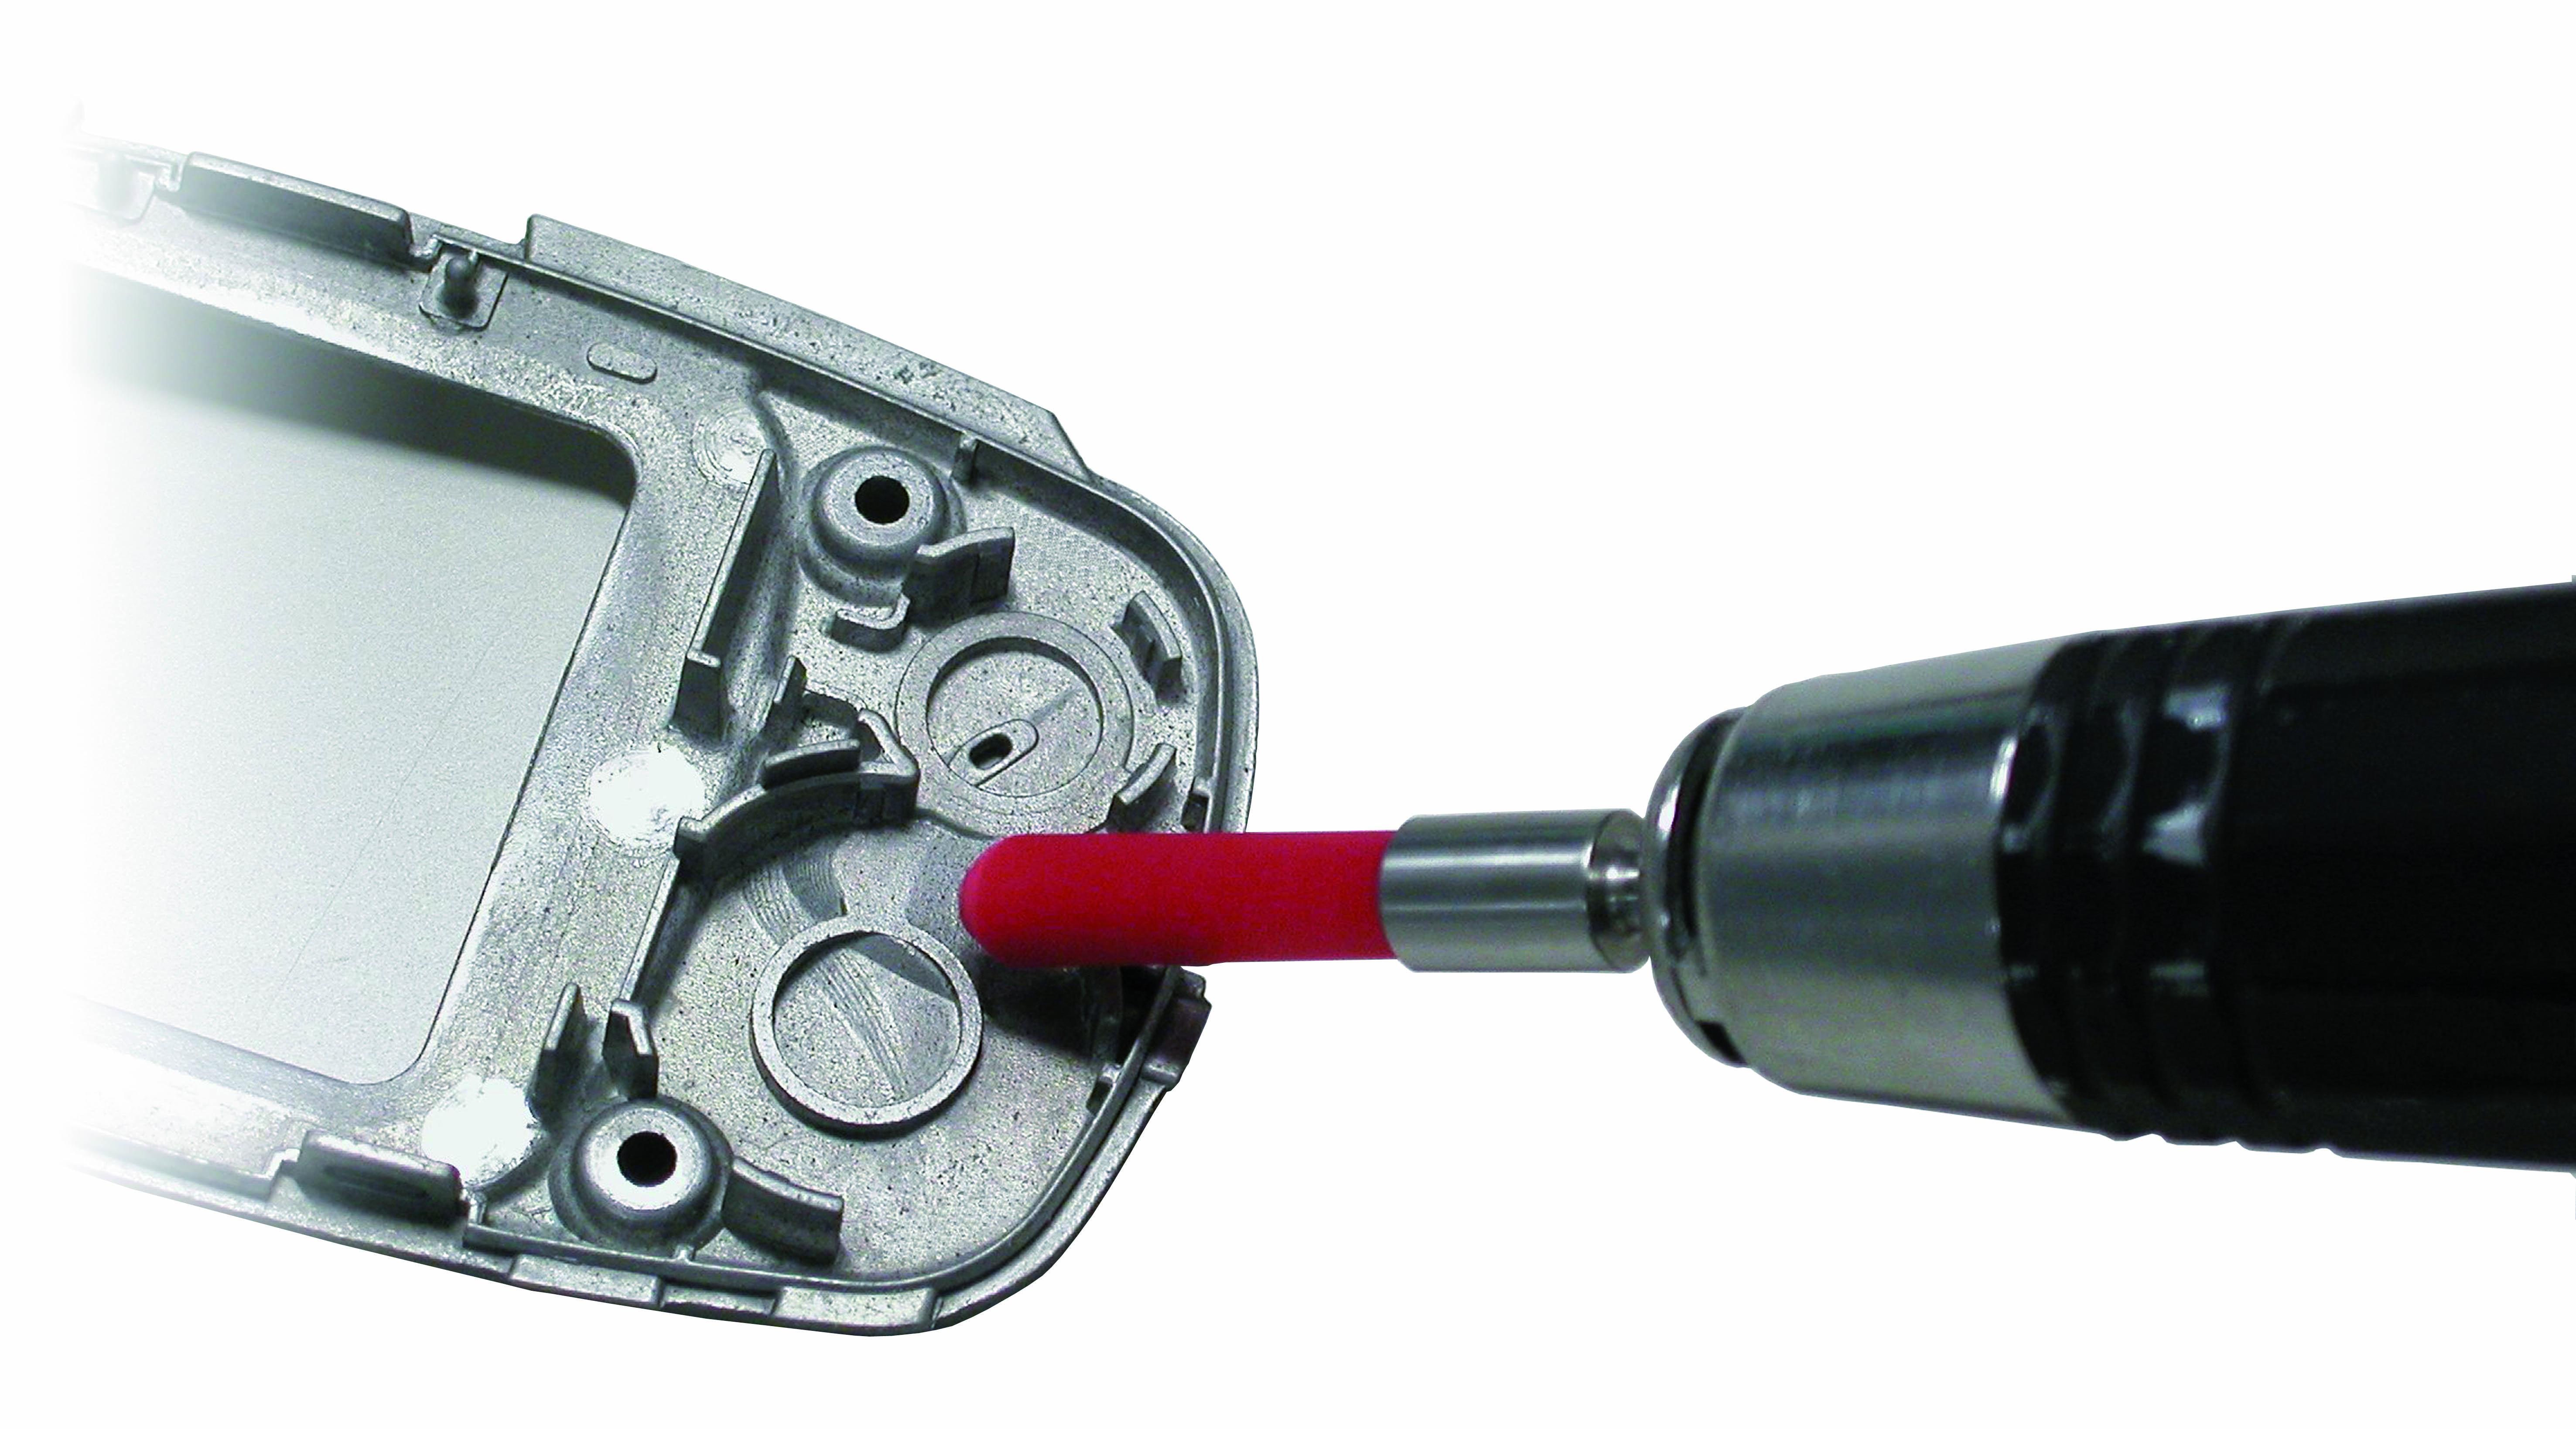 KEMPF-Xebec-Mobil-Schleiffaser-Werkzeugeinsatz-Handyschale2